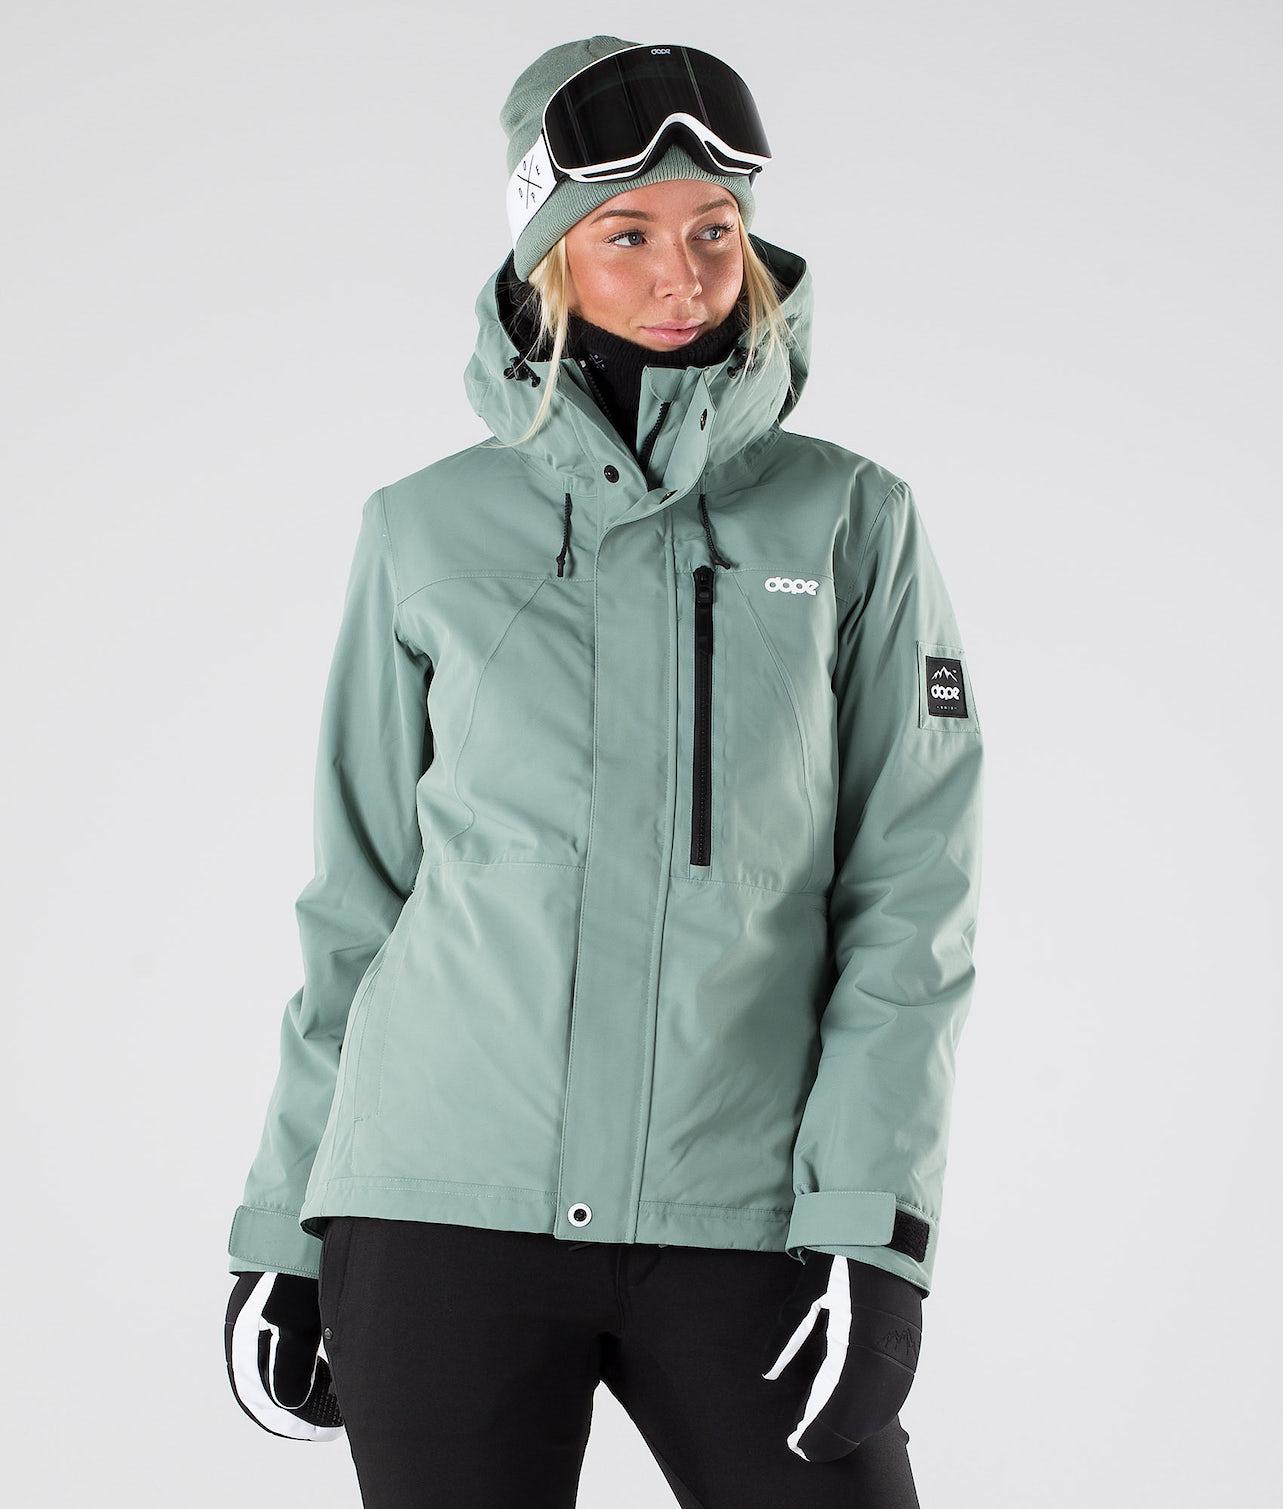 Kjøp Divine Snowboardjakke fra Dope på Ridestore.no - Hos oss har du alltid fri frakt, fri retur og 30 dagers åpent kjøp!